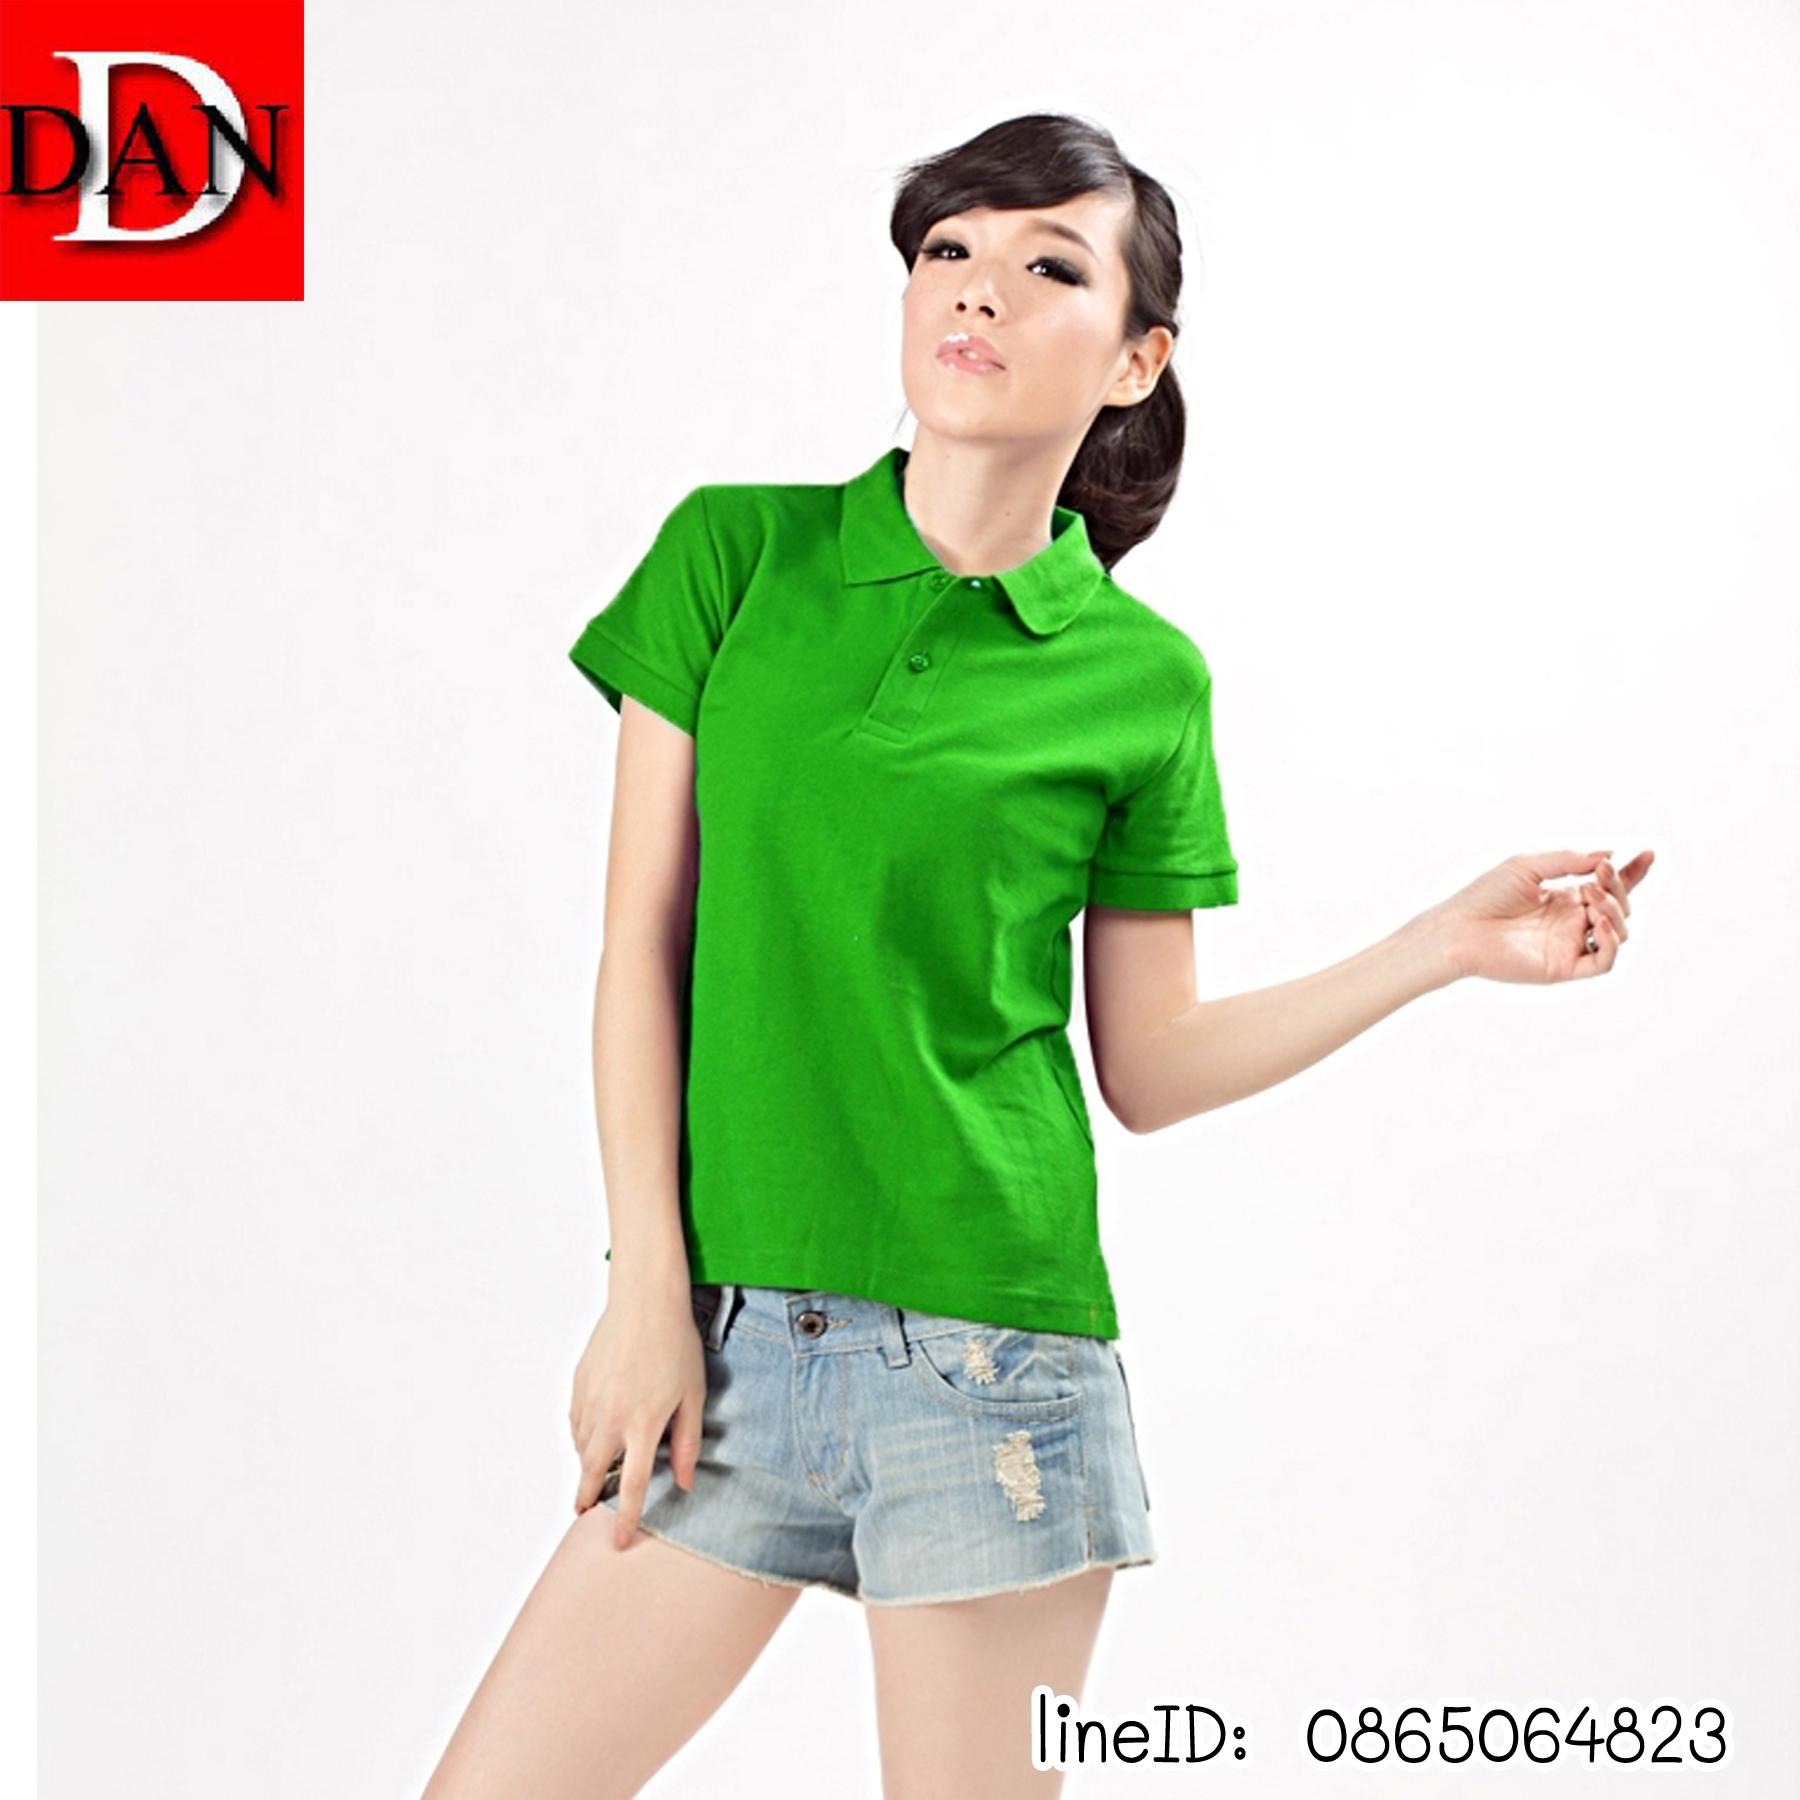 เสื้อโปโลจูติ TC สีเขียวไมโล